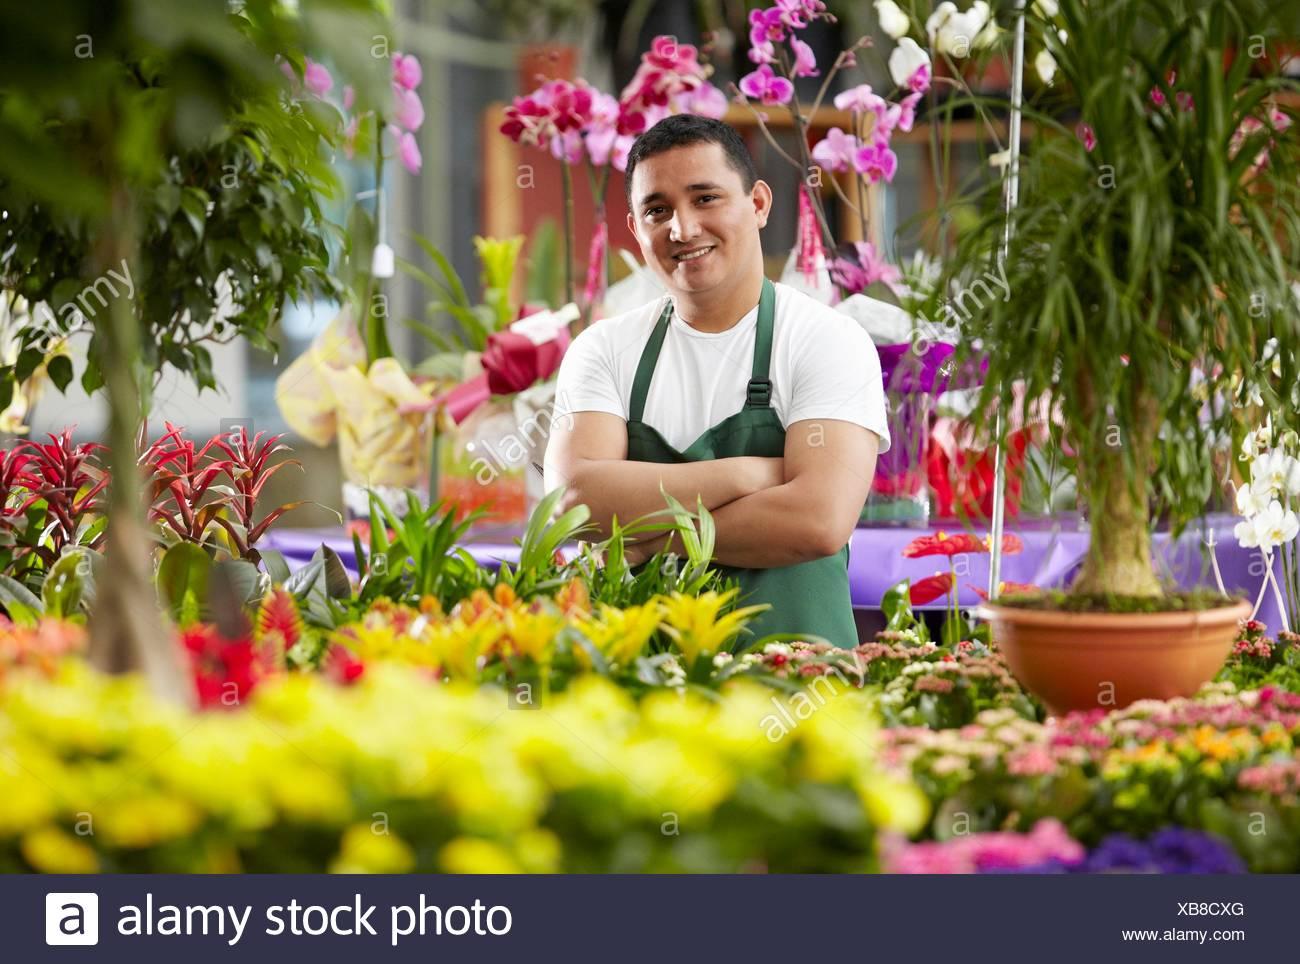 Inmigrante hondureño trabajando en España, jardinero, Garden center. - Stock Image